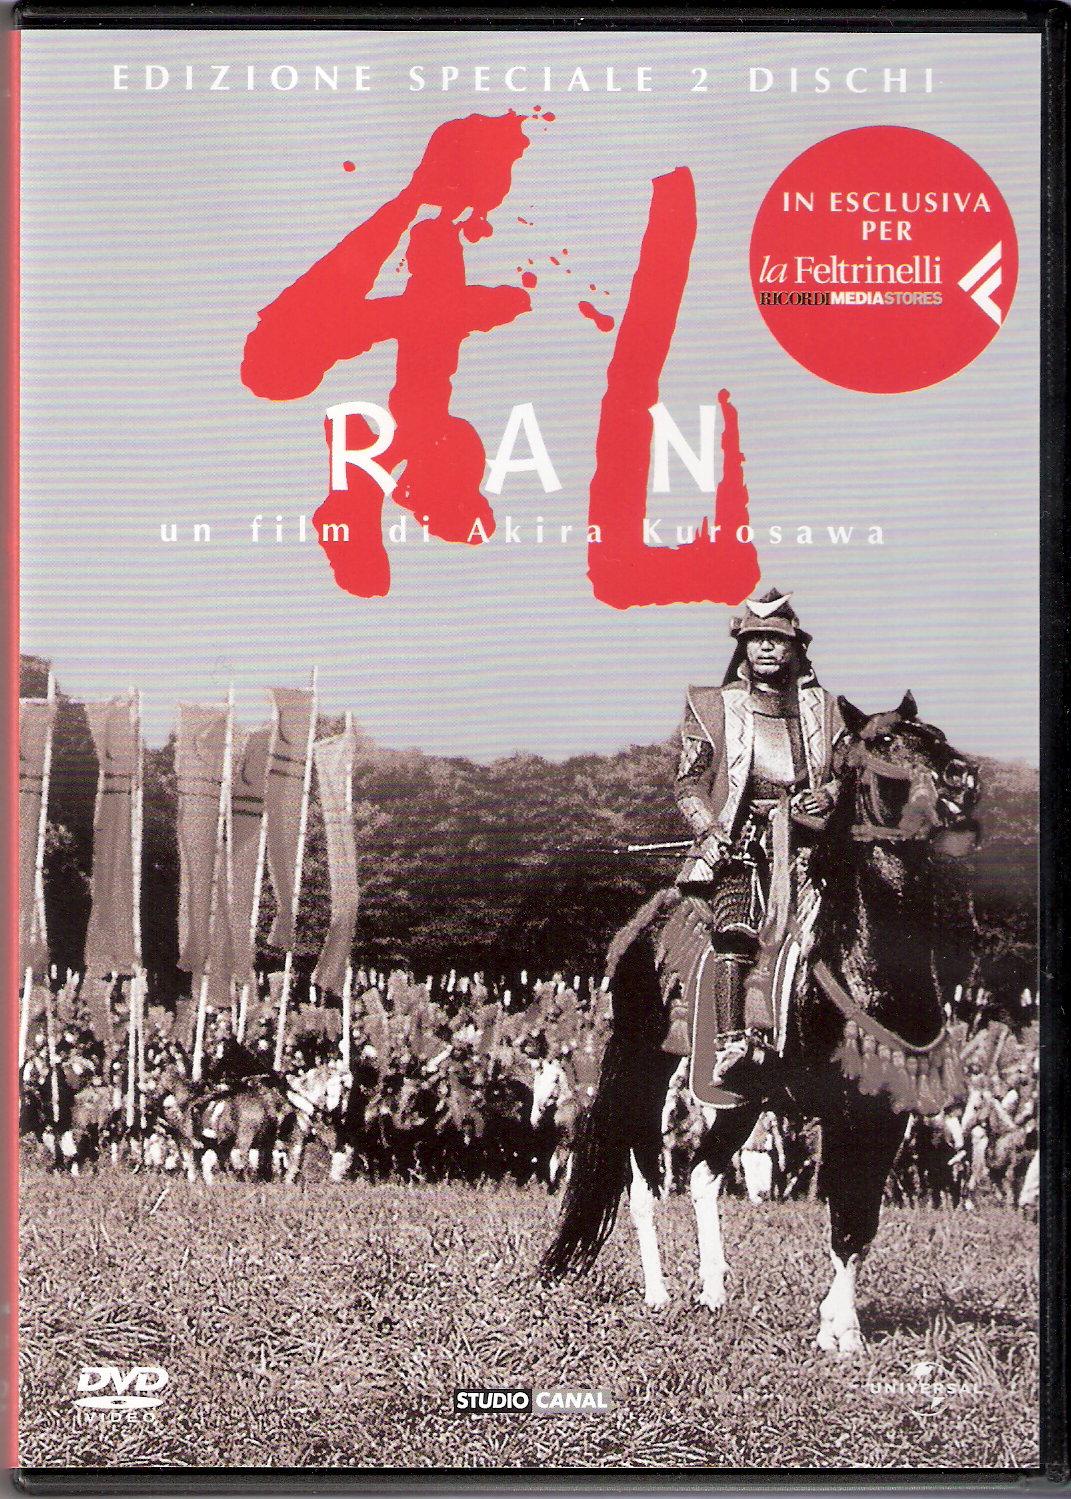 copertina di Ran - Edizione speciale 2 dischi